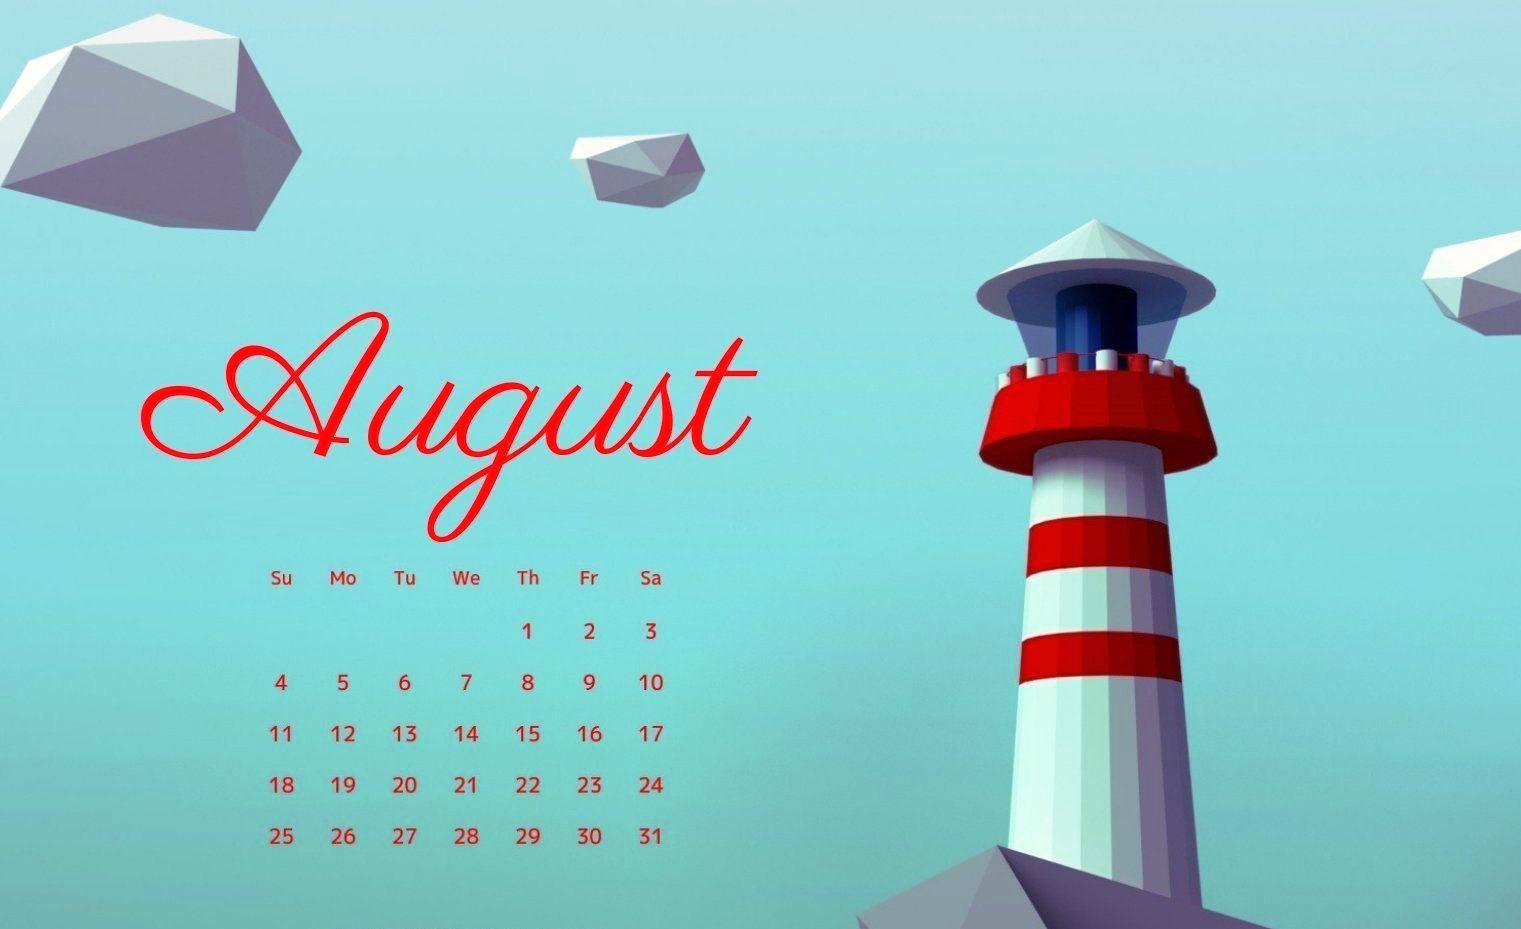 2019 August Calendar Wallpaper